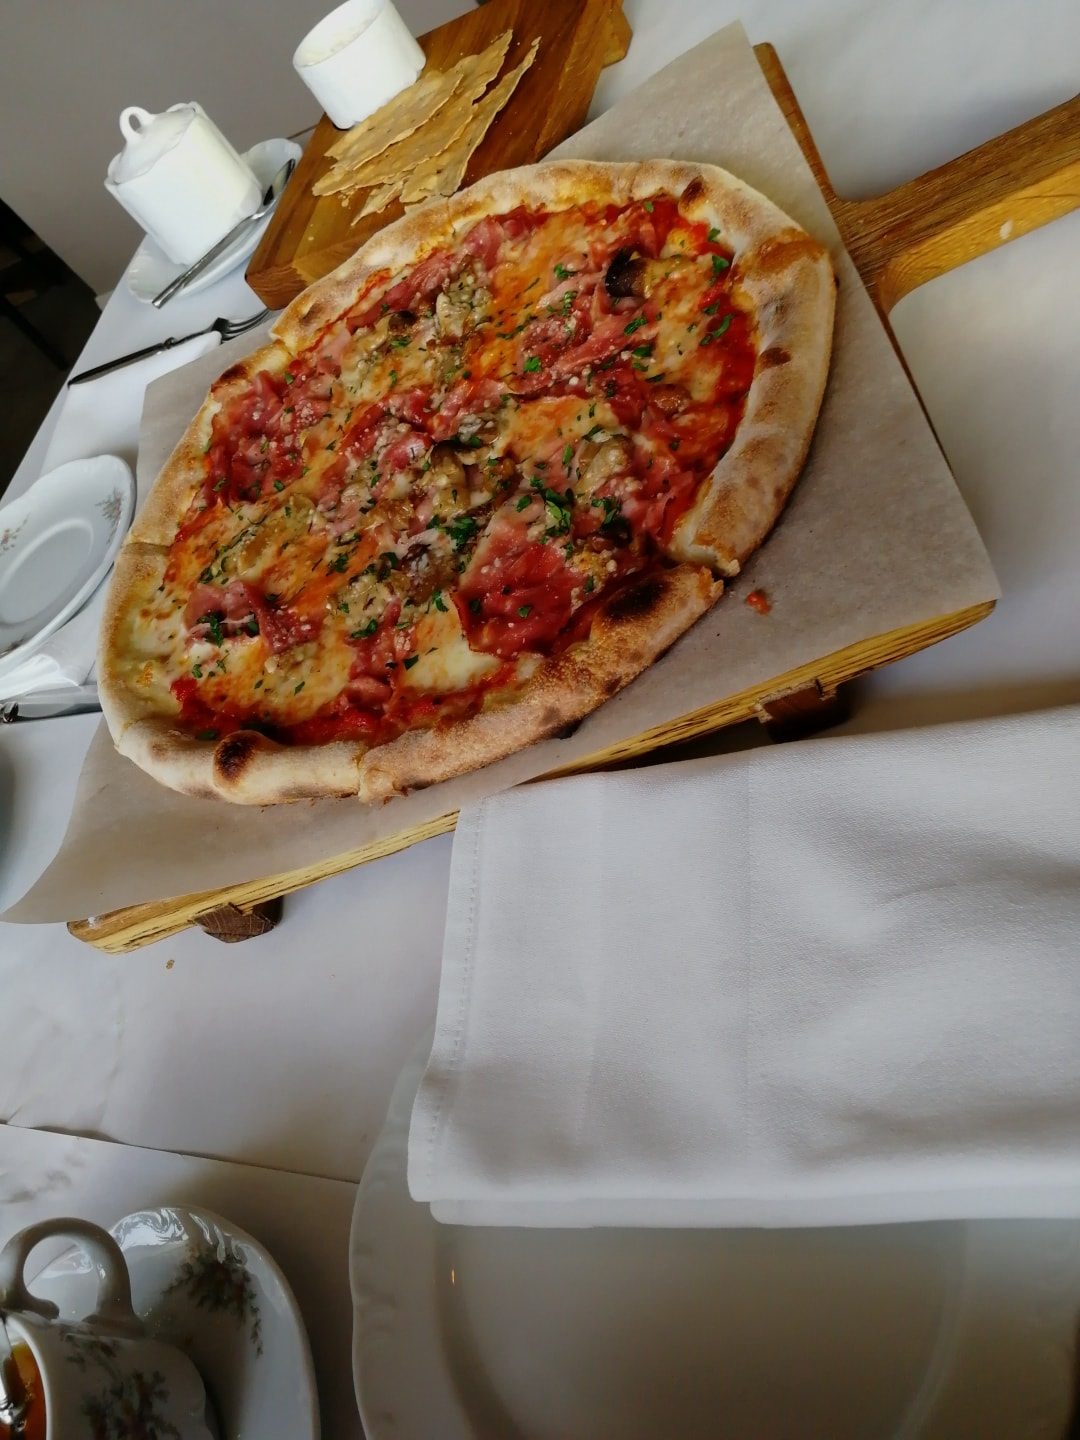 主食有Pasta和披萨、海鲜沙拉,餐后有个小蛋糕,这里没拍照可惜